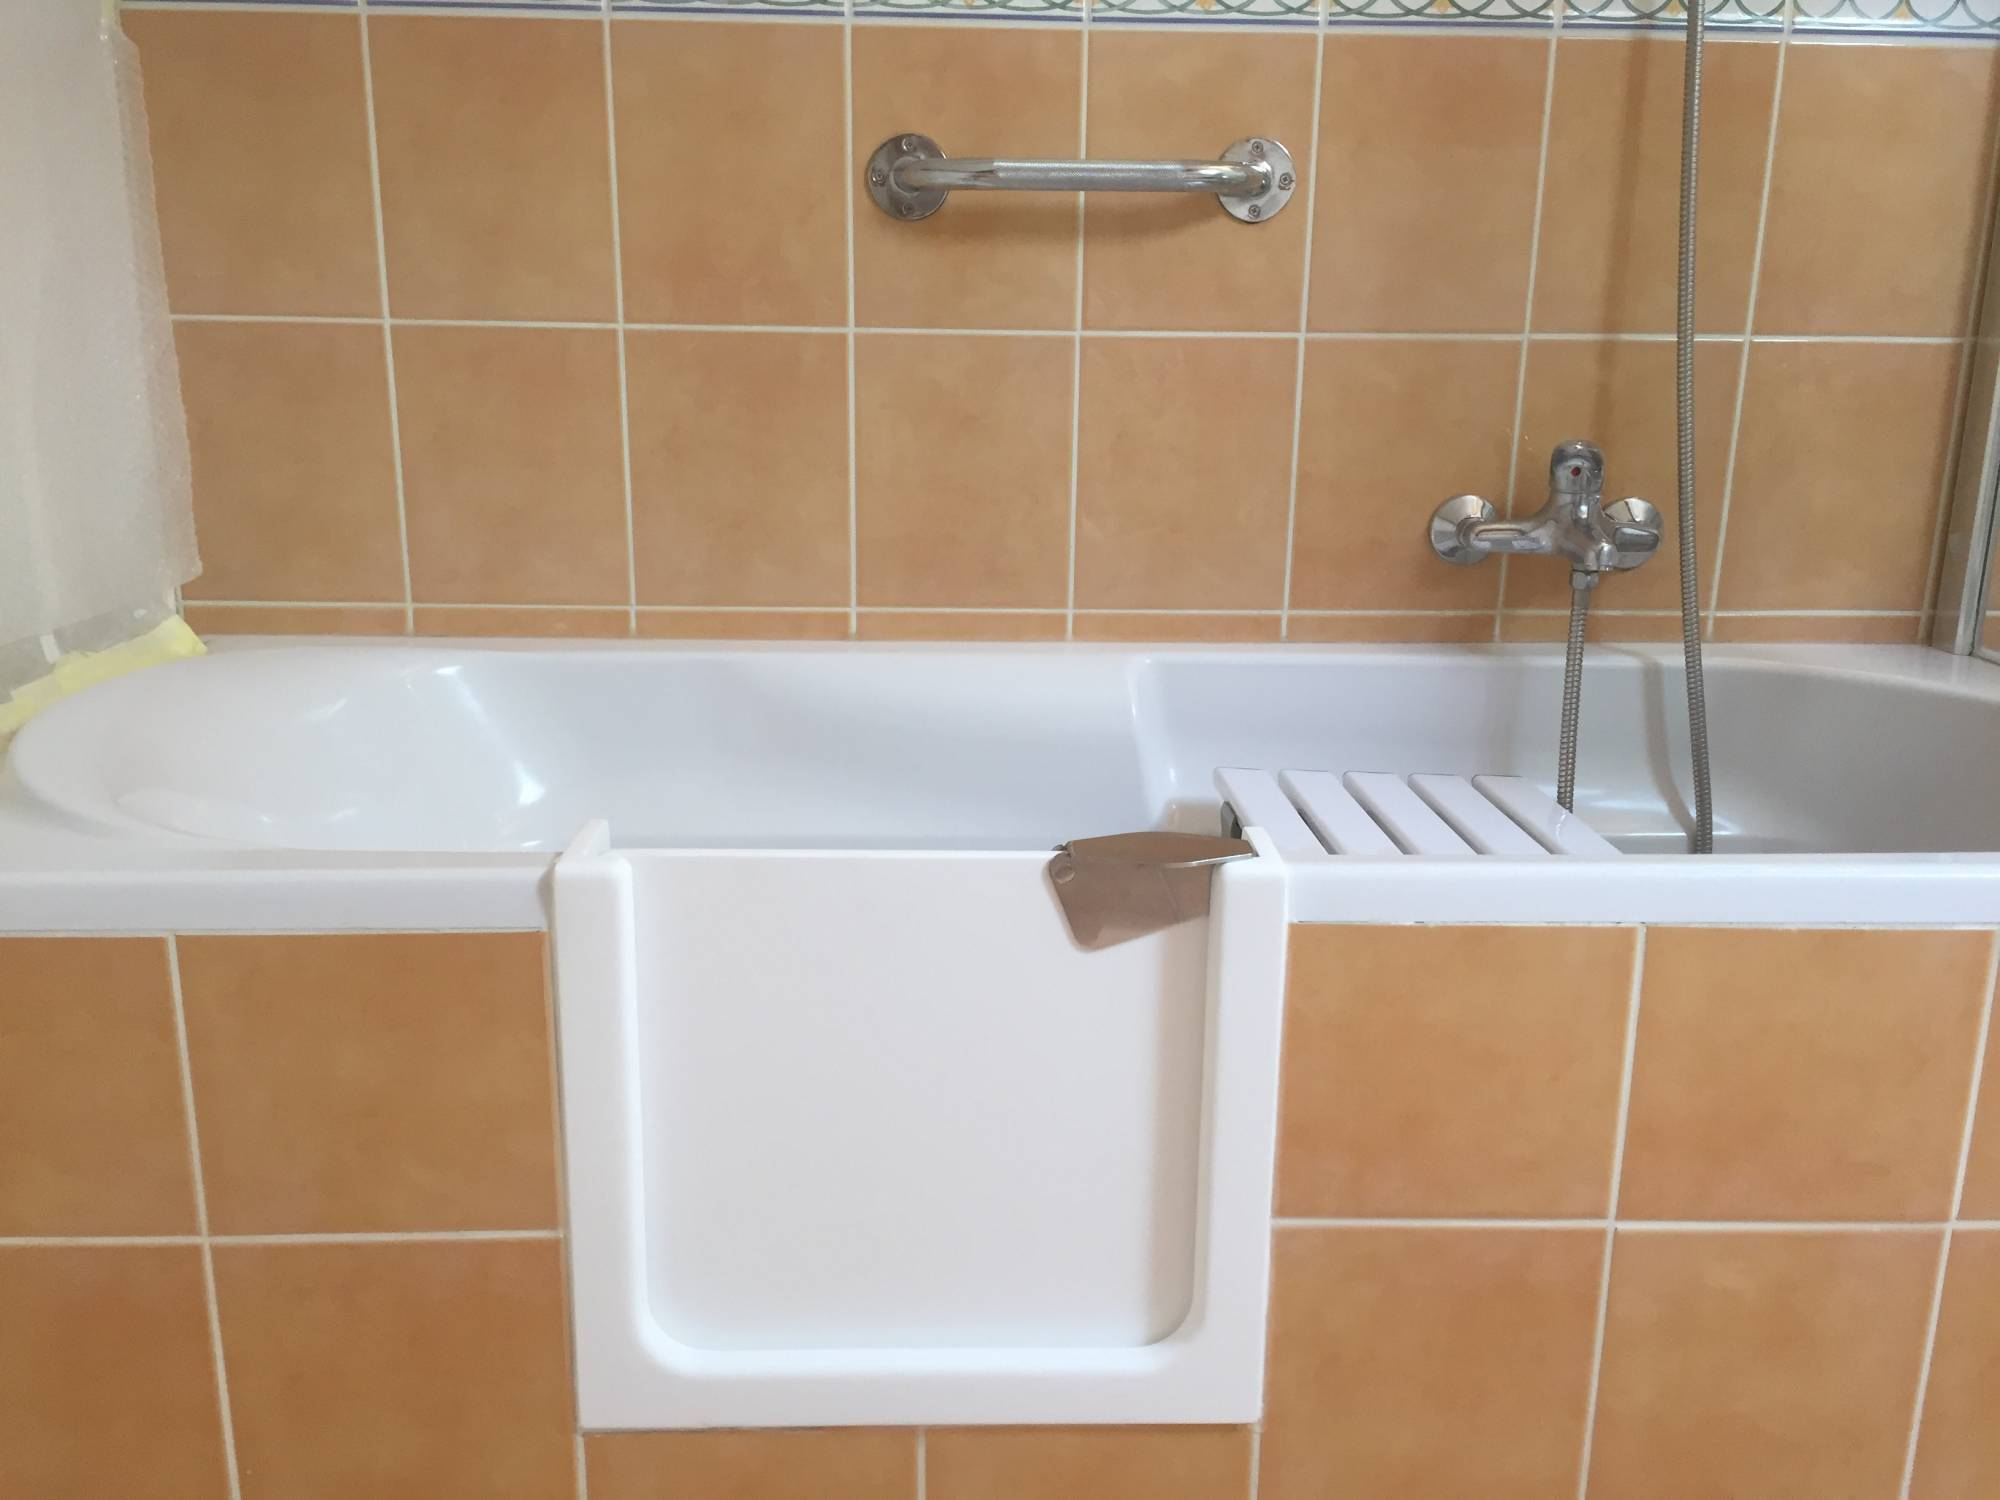 Baignoire Adaptee Handicape Et Seniors La Solution De Renovbain Grenoble Renovbain